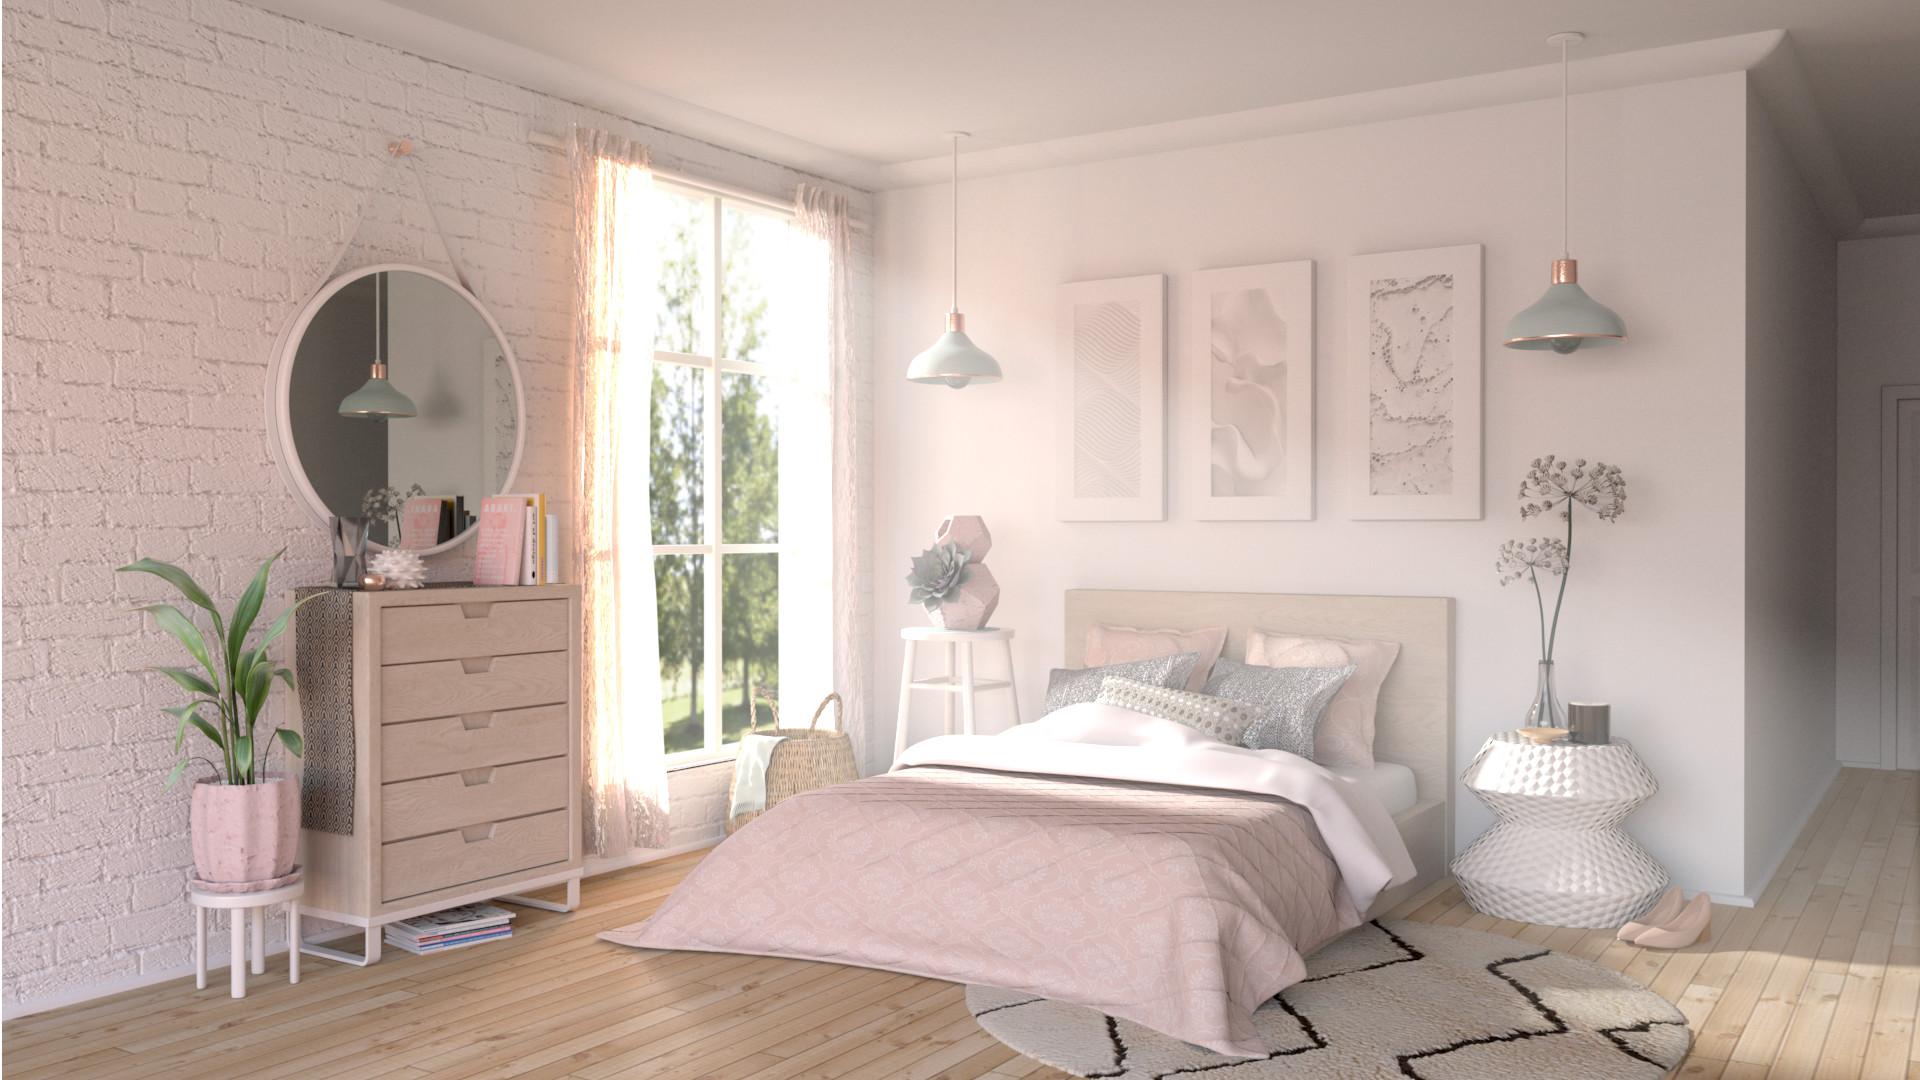 Sunlit bedroom still image